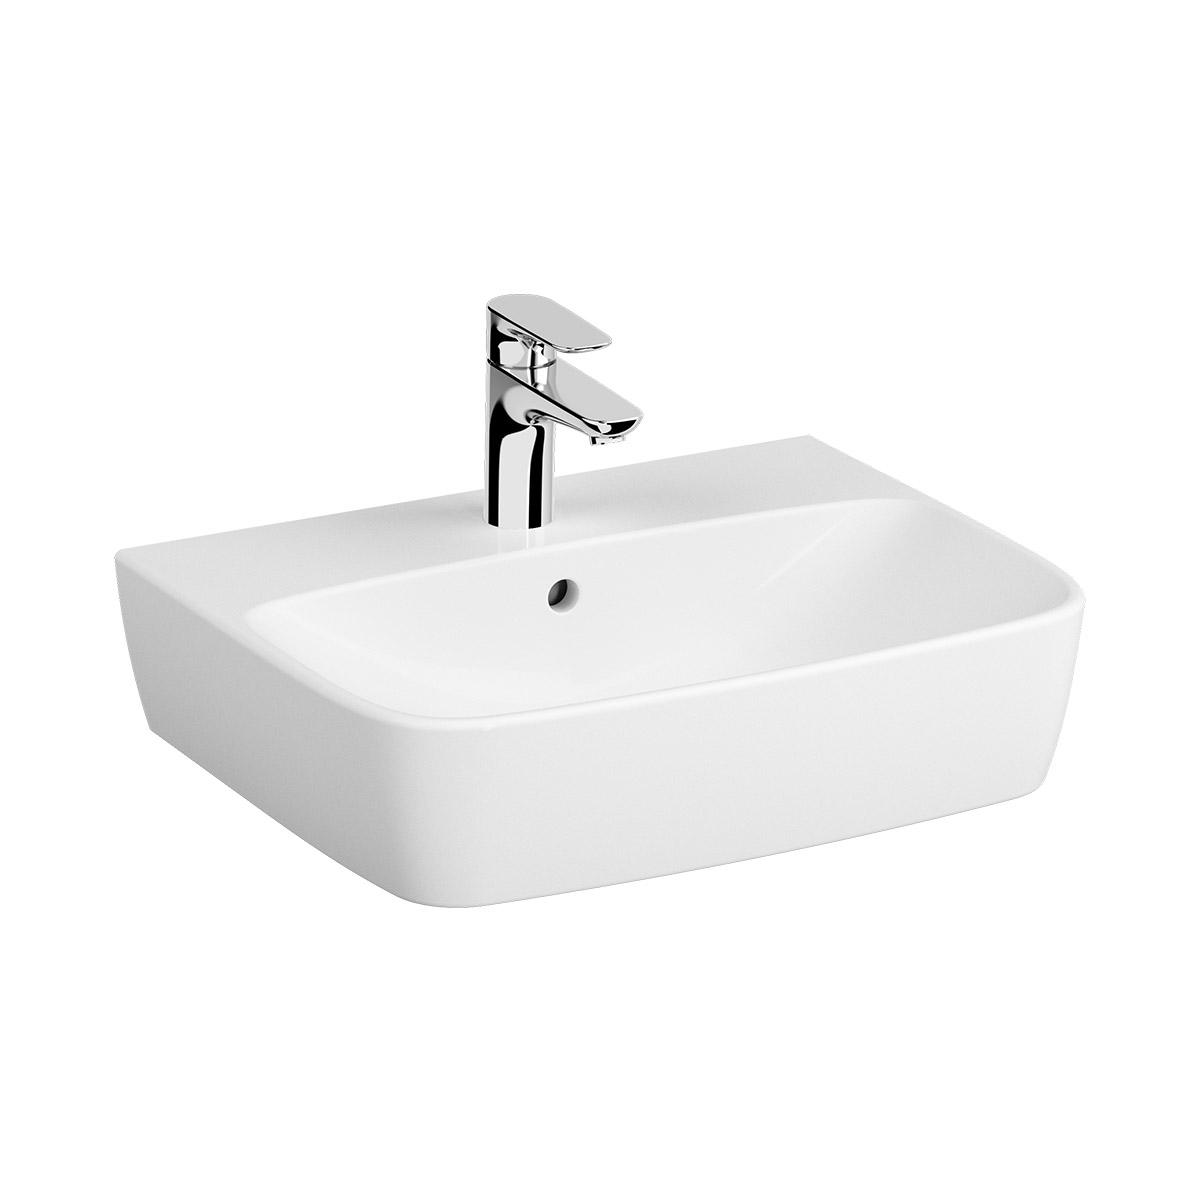 Shift Waschtisch 55 cm, mit Hahnlochbank, mit Hahnloch mittig, mit Überlaufloch, Weiß, VitrA Clean